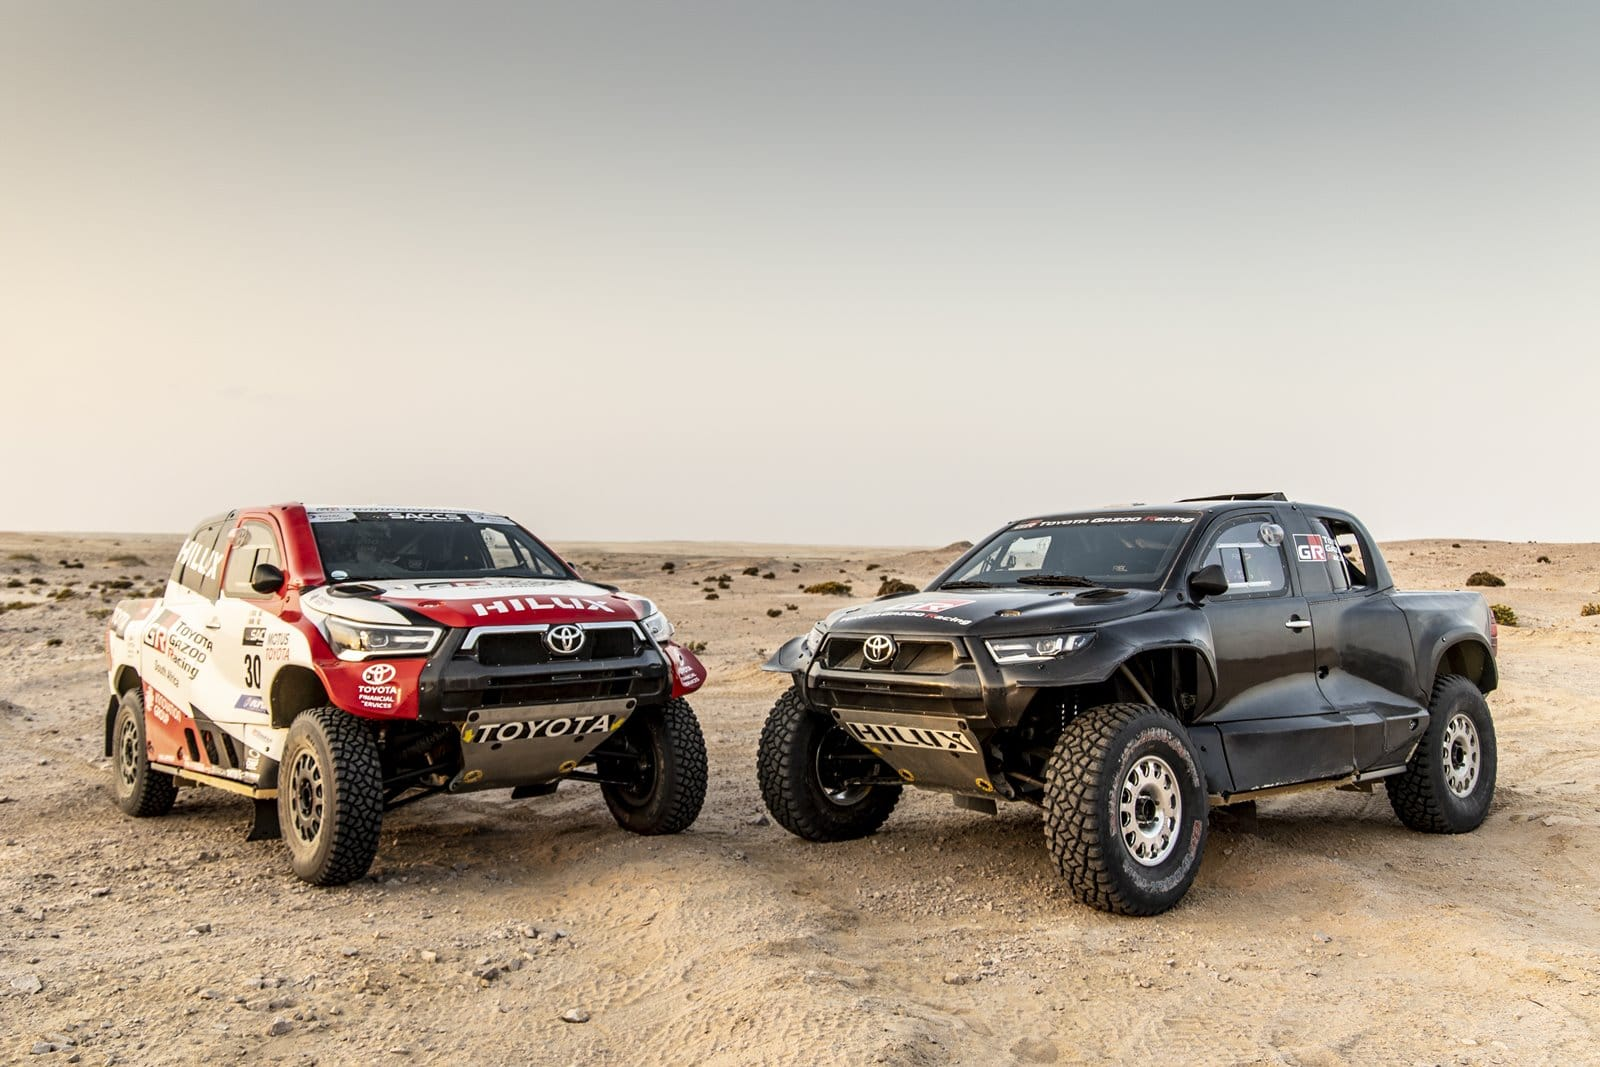 La apuesta de Toyota en el Dakar 2022 constará de cuatro vehículos